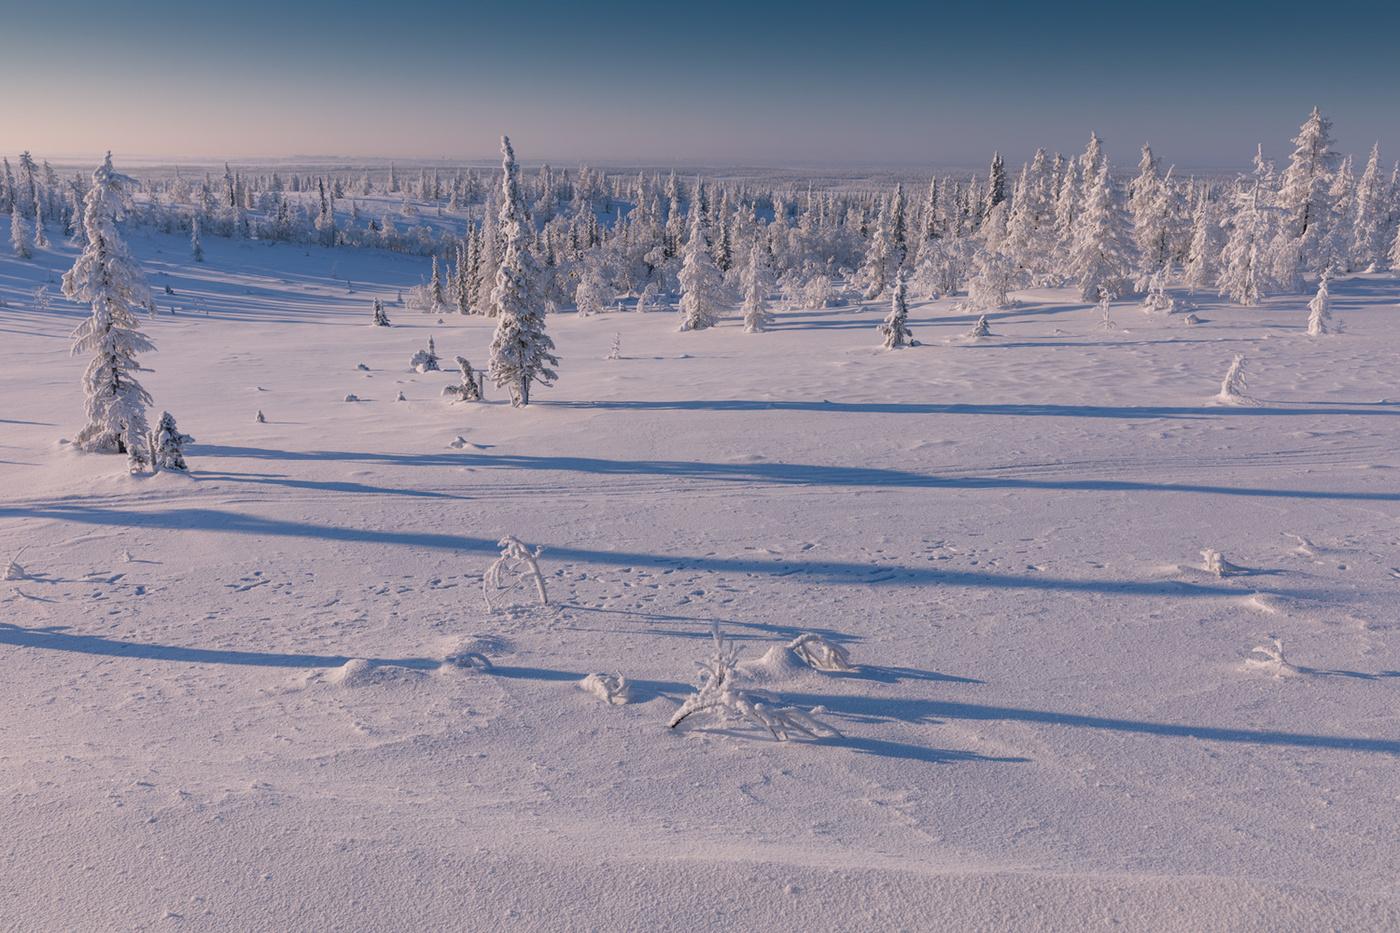 гранж картинки к суровой зиме тундры представлял себя поп-музыку